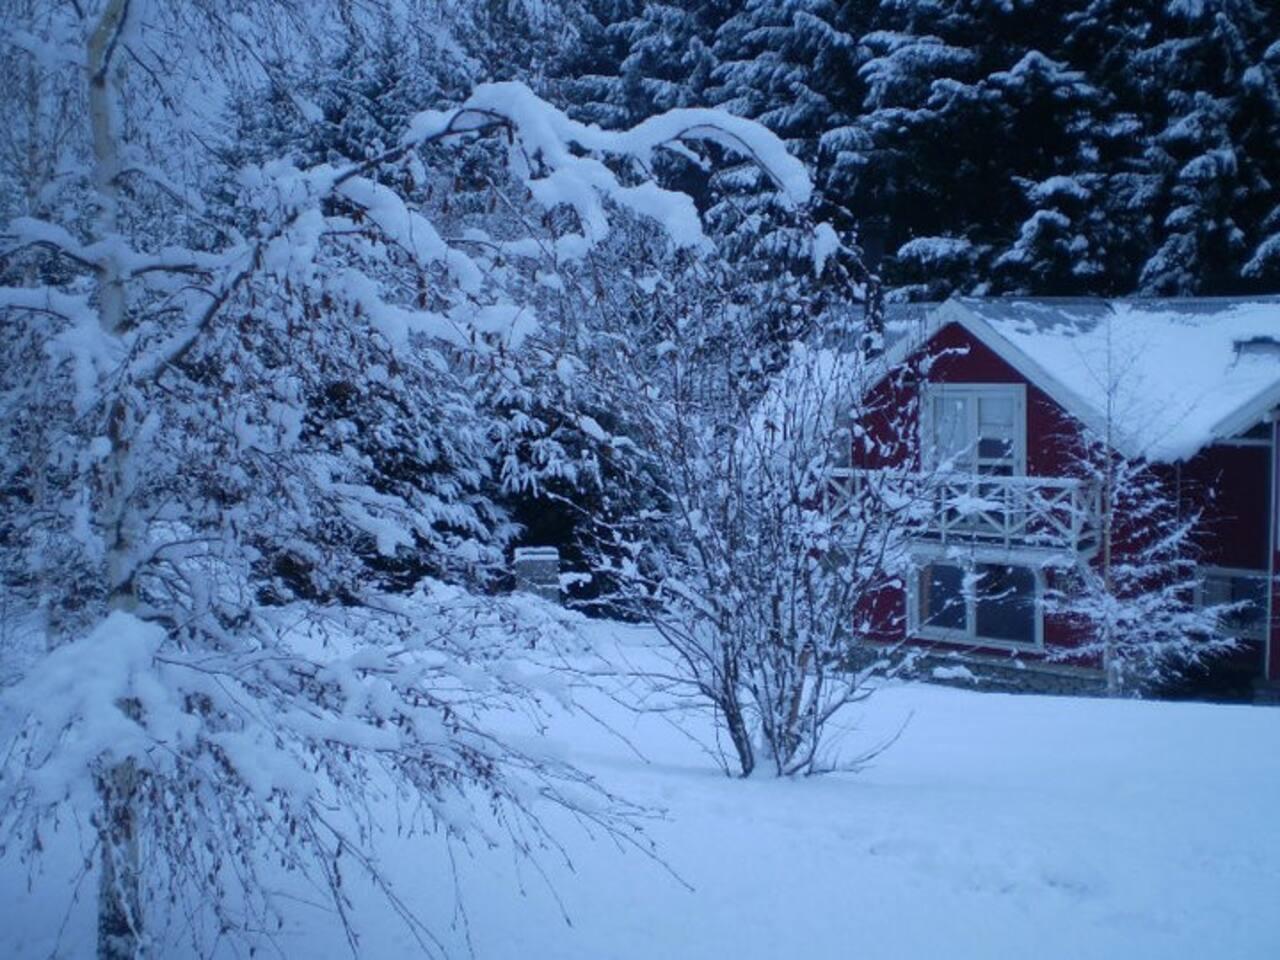 La casa y el bosque en invierno